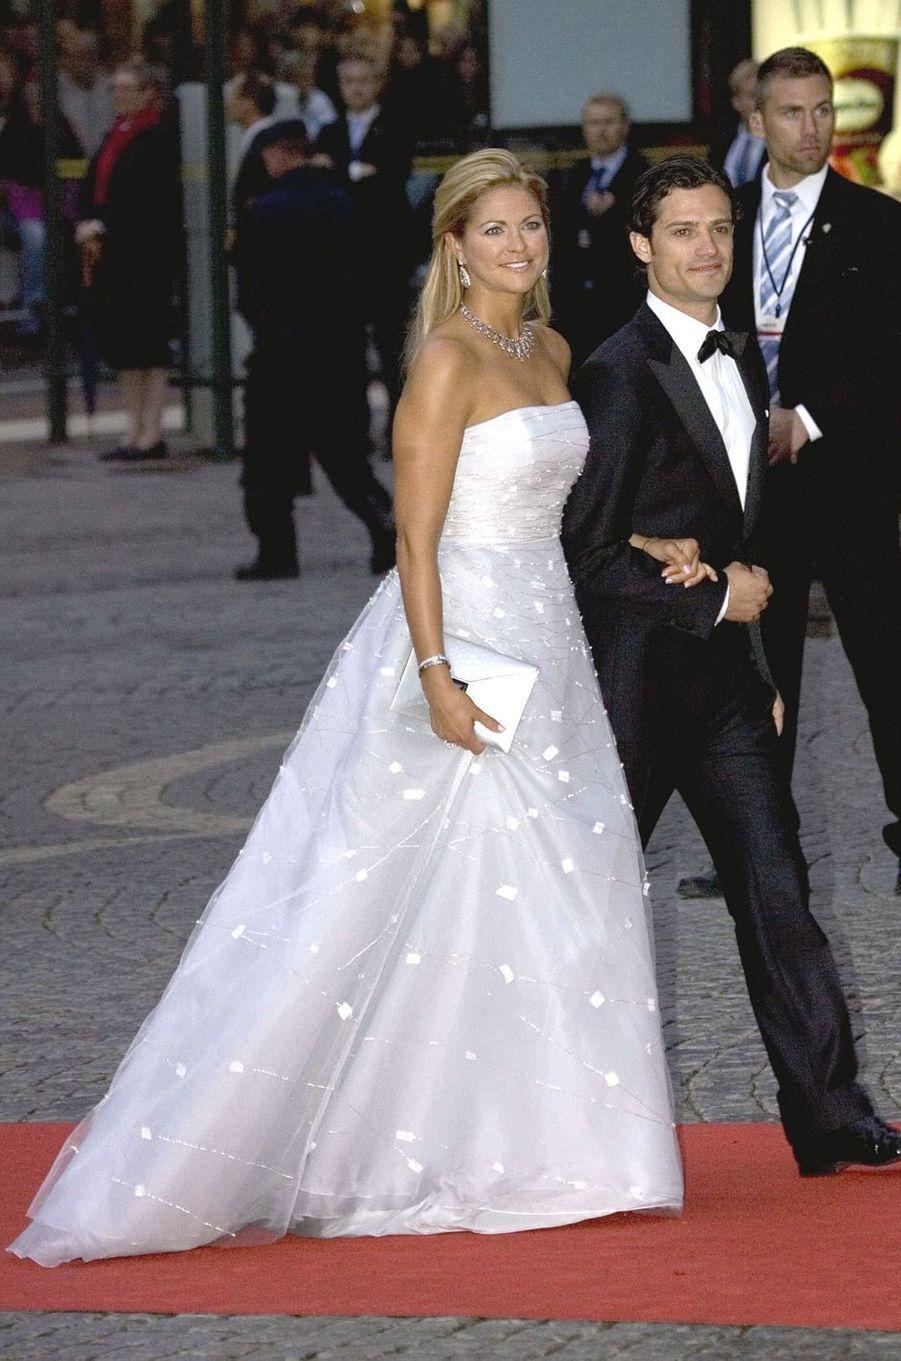 La princesse Madeleine de Suède dans une robe Angel Sanchez le 8 juin 2010